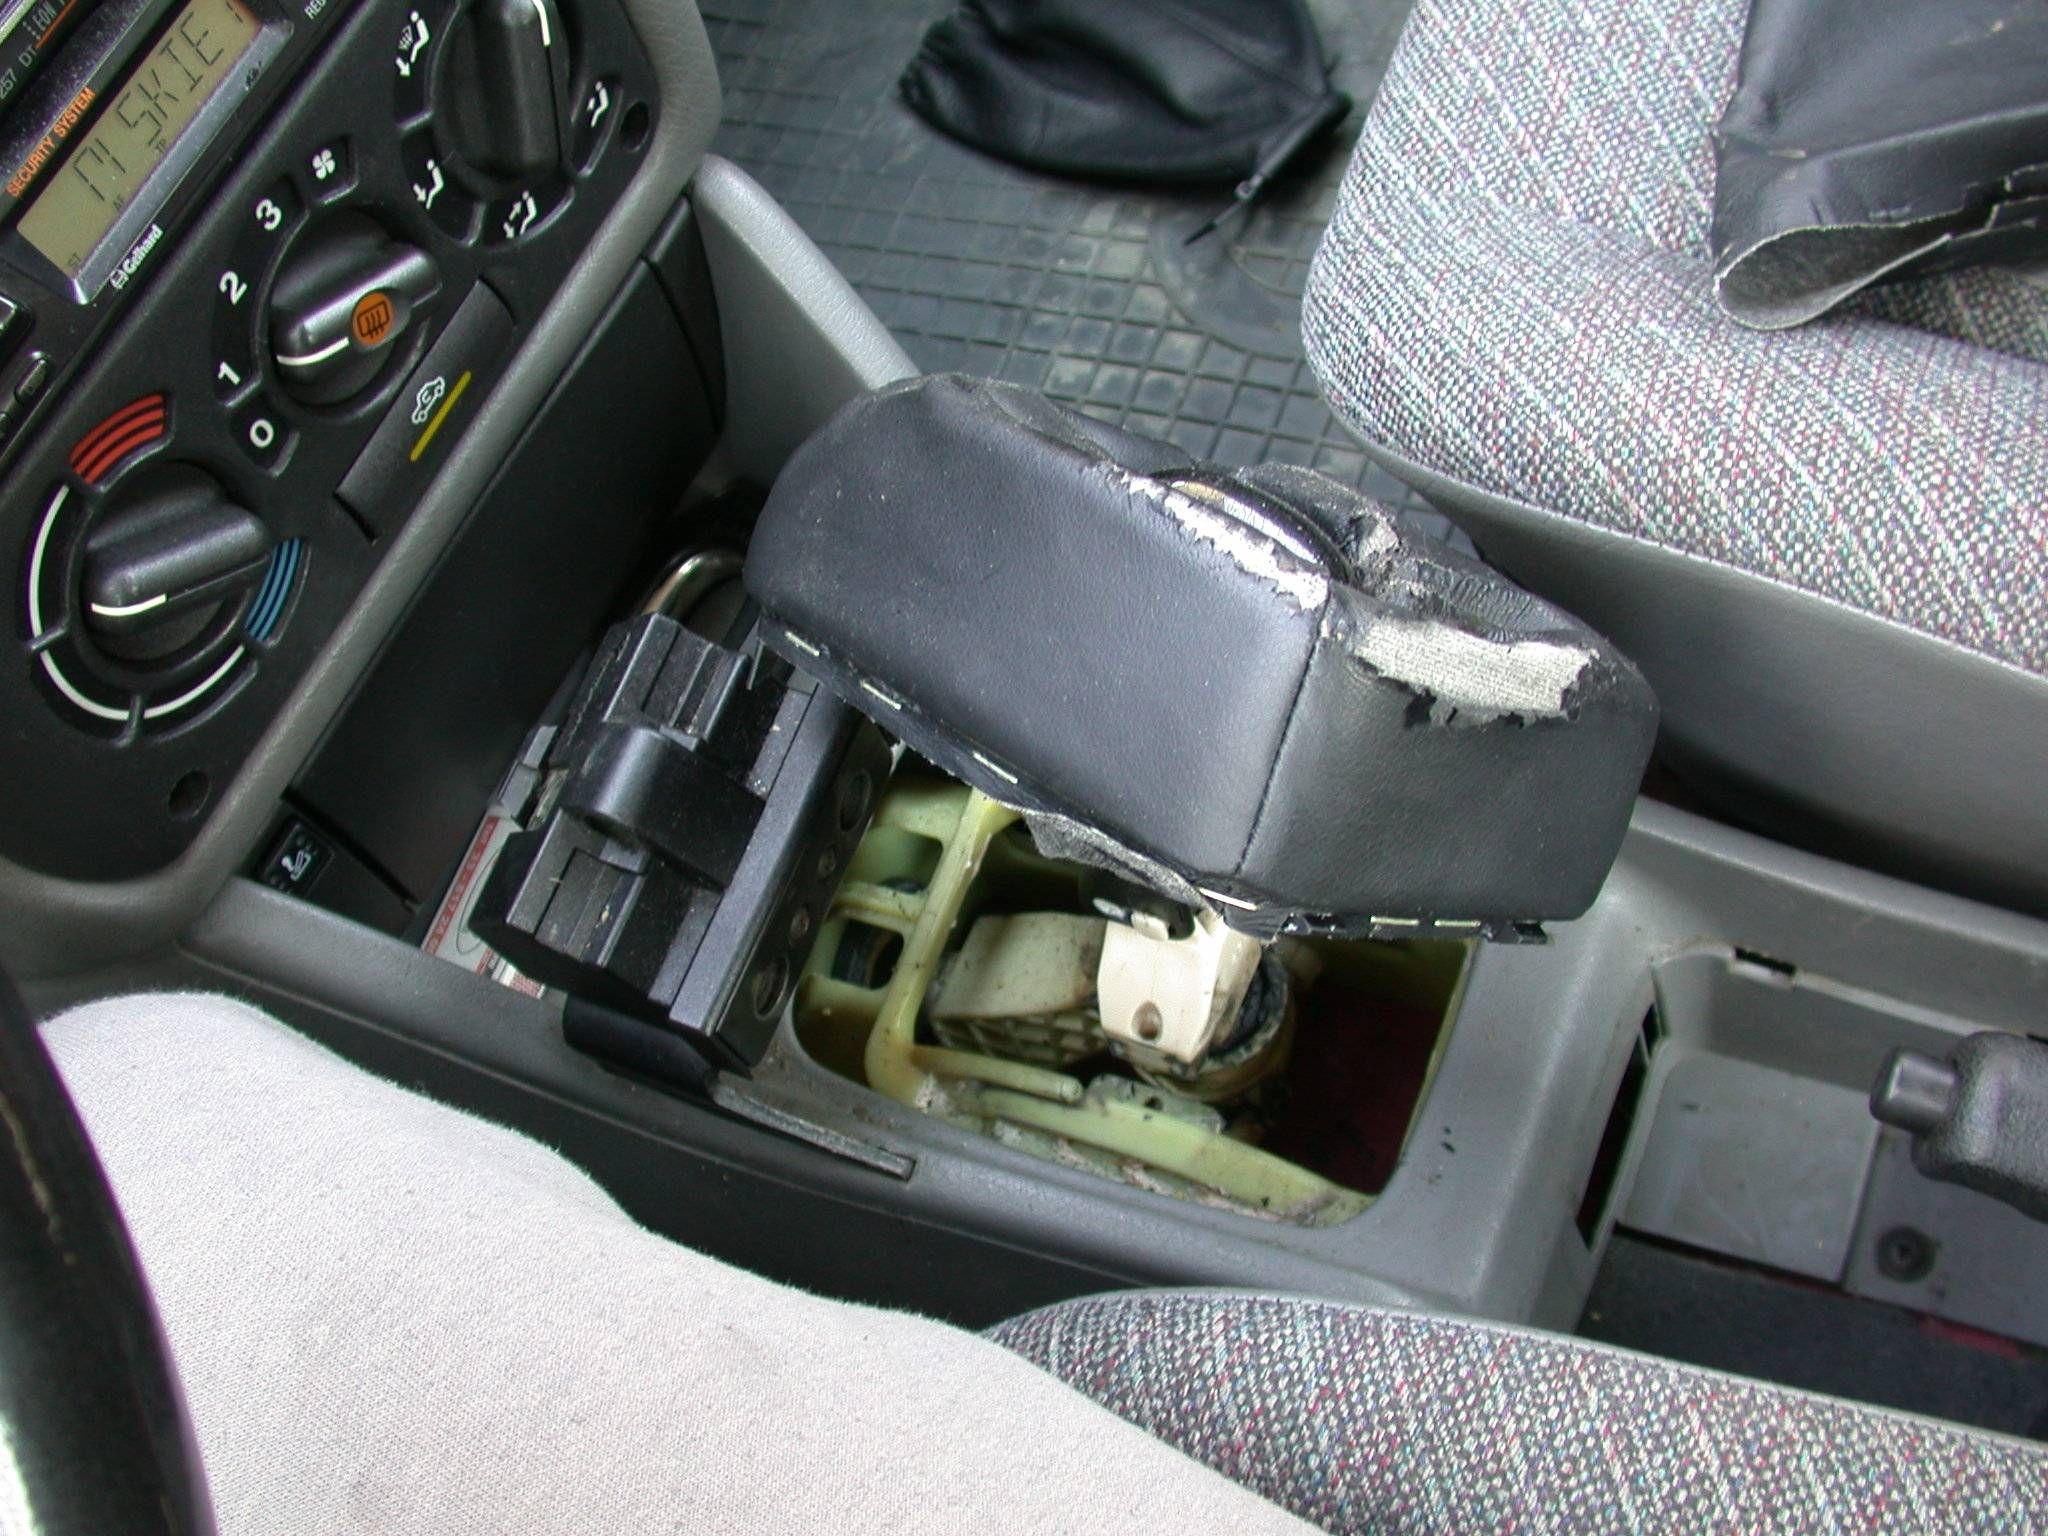 Opel astra F - Wymiana mieszk�w czyli os�on d�wigni zmiany bieg�w i hamulca r�cz